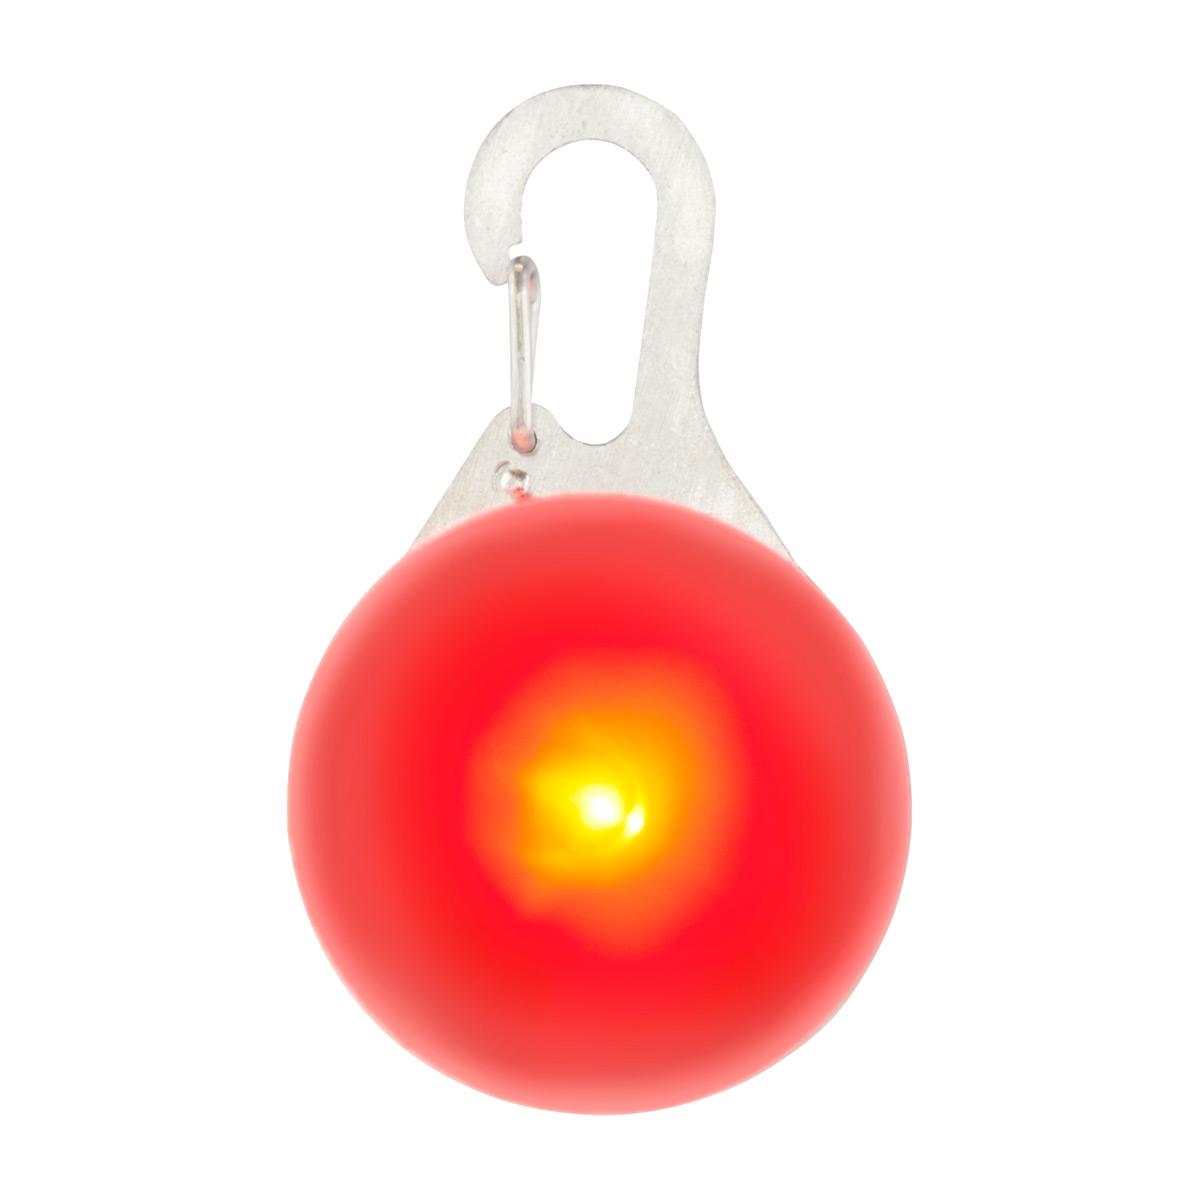 Spotlit^ LED Carabiner Light